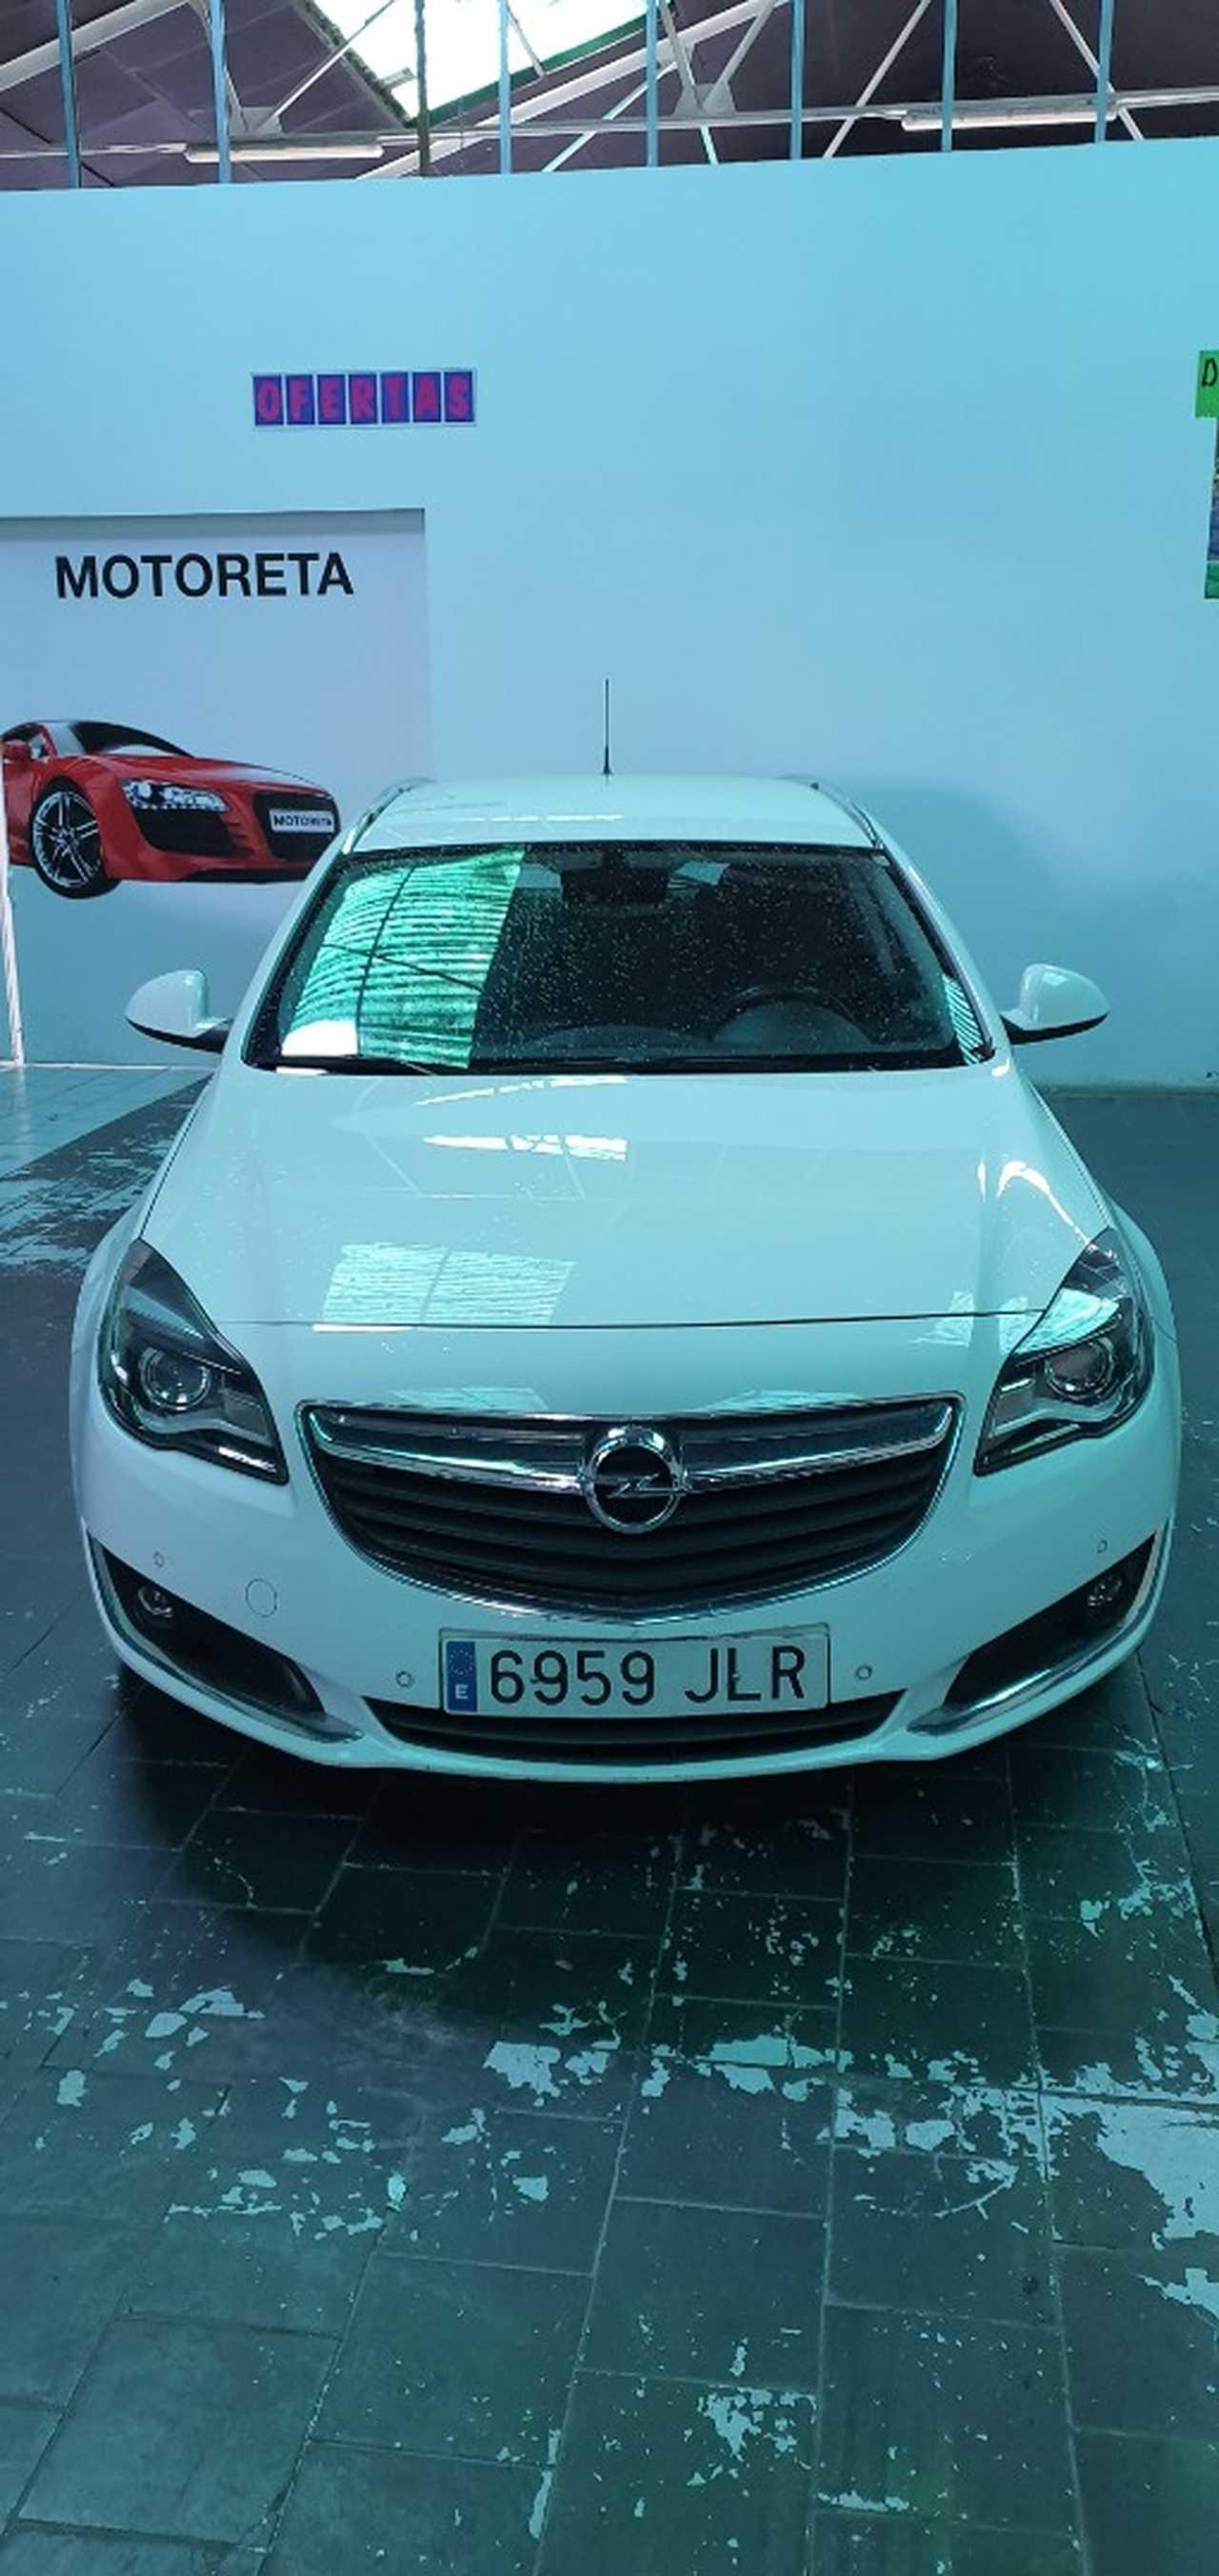 Opel Insignia Sports Tourer 1.6 CDTI 136 CV   - Foto 1